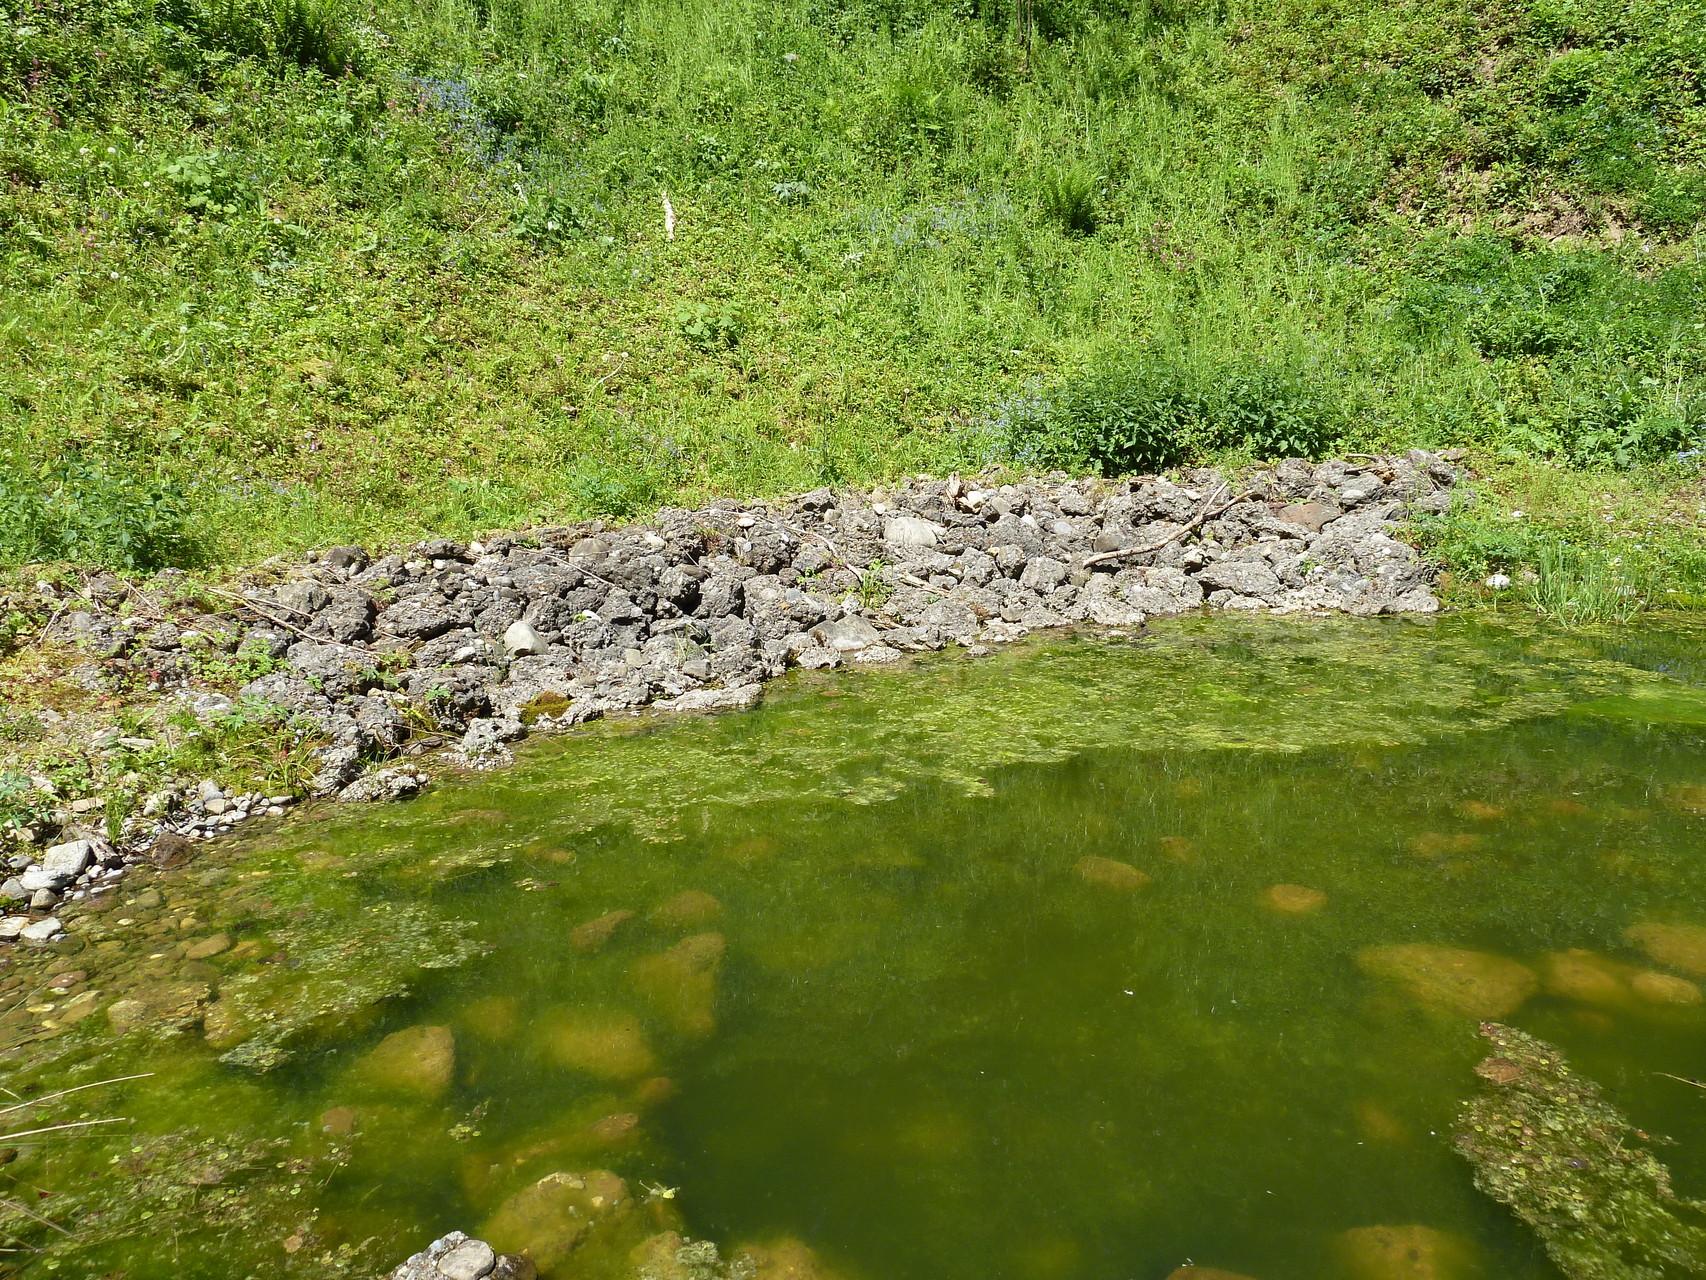 div Bilder vom Strumätteli und Kiesgrube